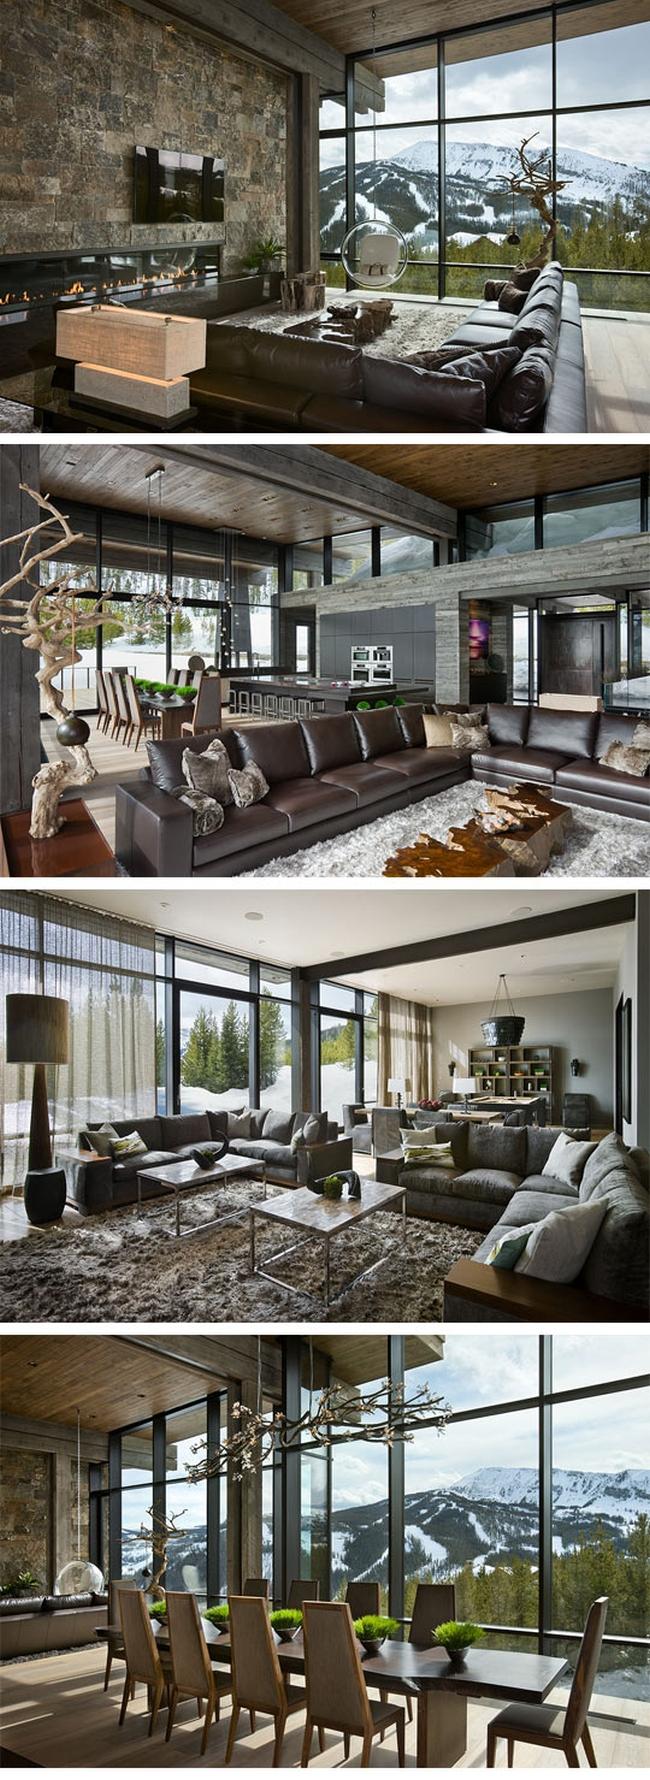 wspaniale-wille-drewniane-nowoczesne-domy-gorskie-lesne-dla-mysliwego-milosnika-lasu-przyrody-2